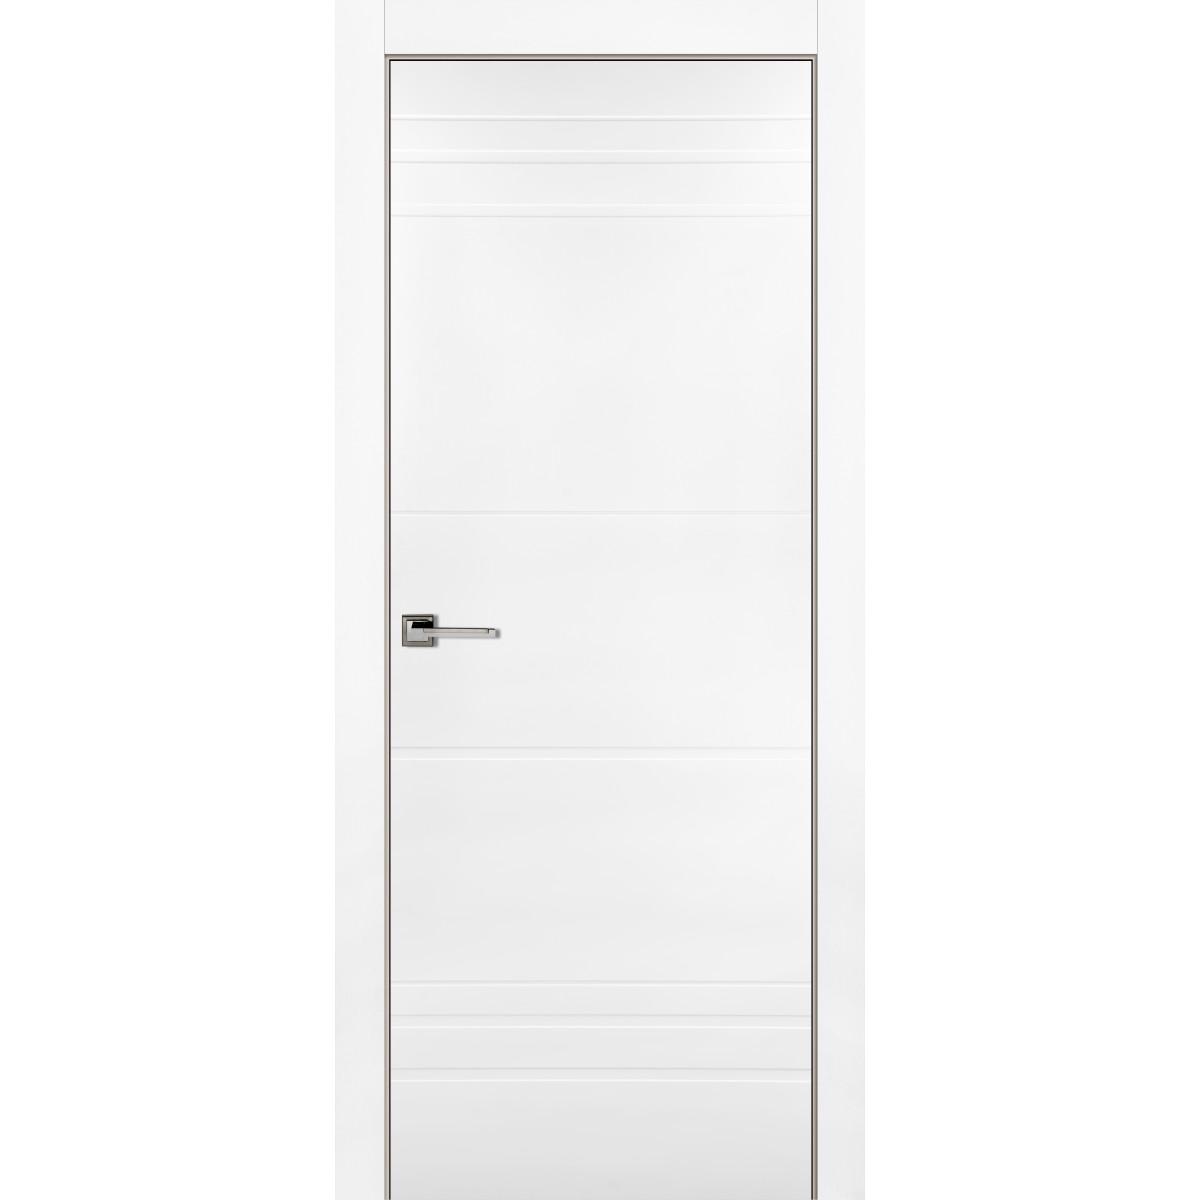 Дверь Межкомнатная Глухая С Замком В Комплекте Рива 80x200 Эмаль Цвет Белый